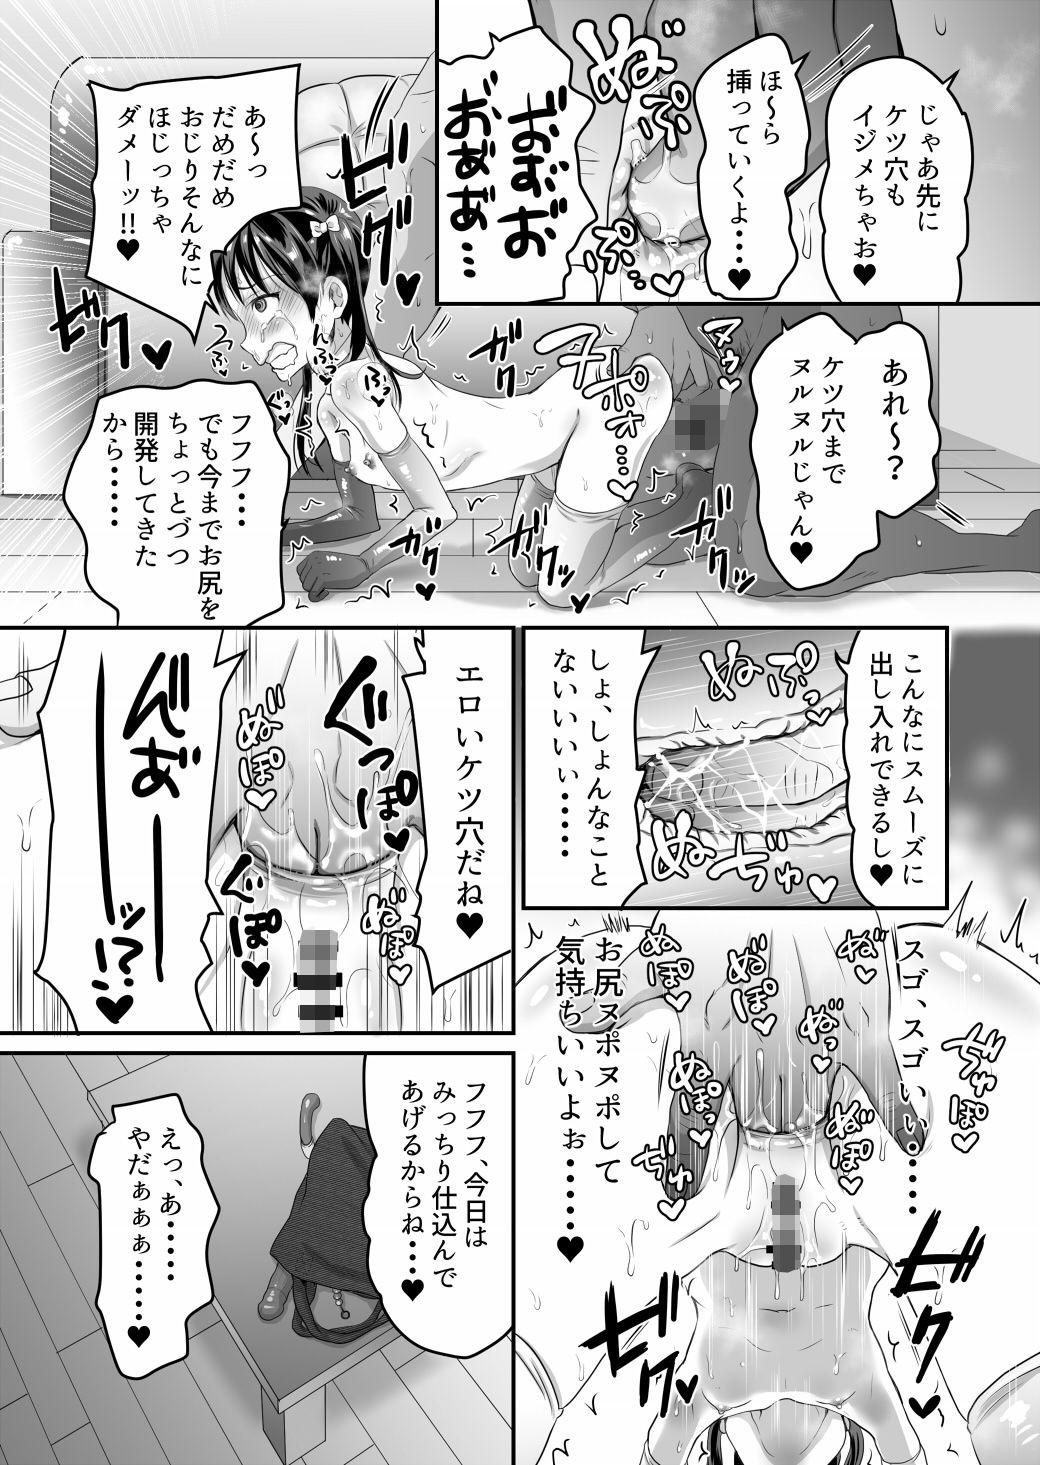 【エロ漫画無料大全集】AVのお仕事体験で大人チンポでいっぱいいかされちゃう女の子…